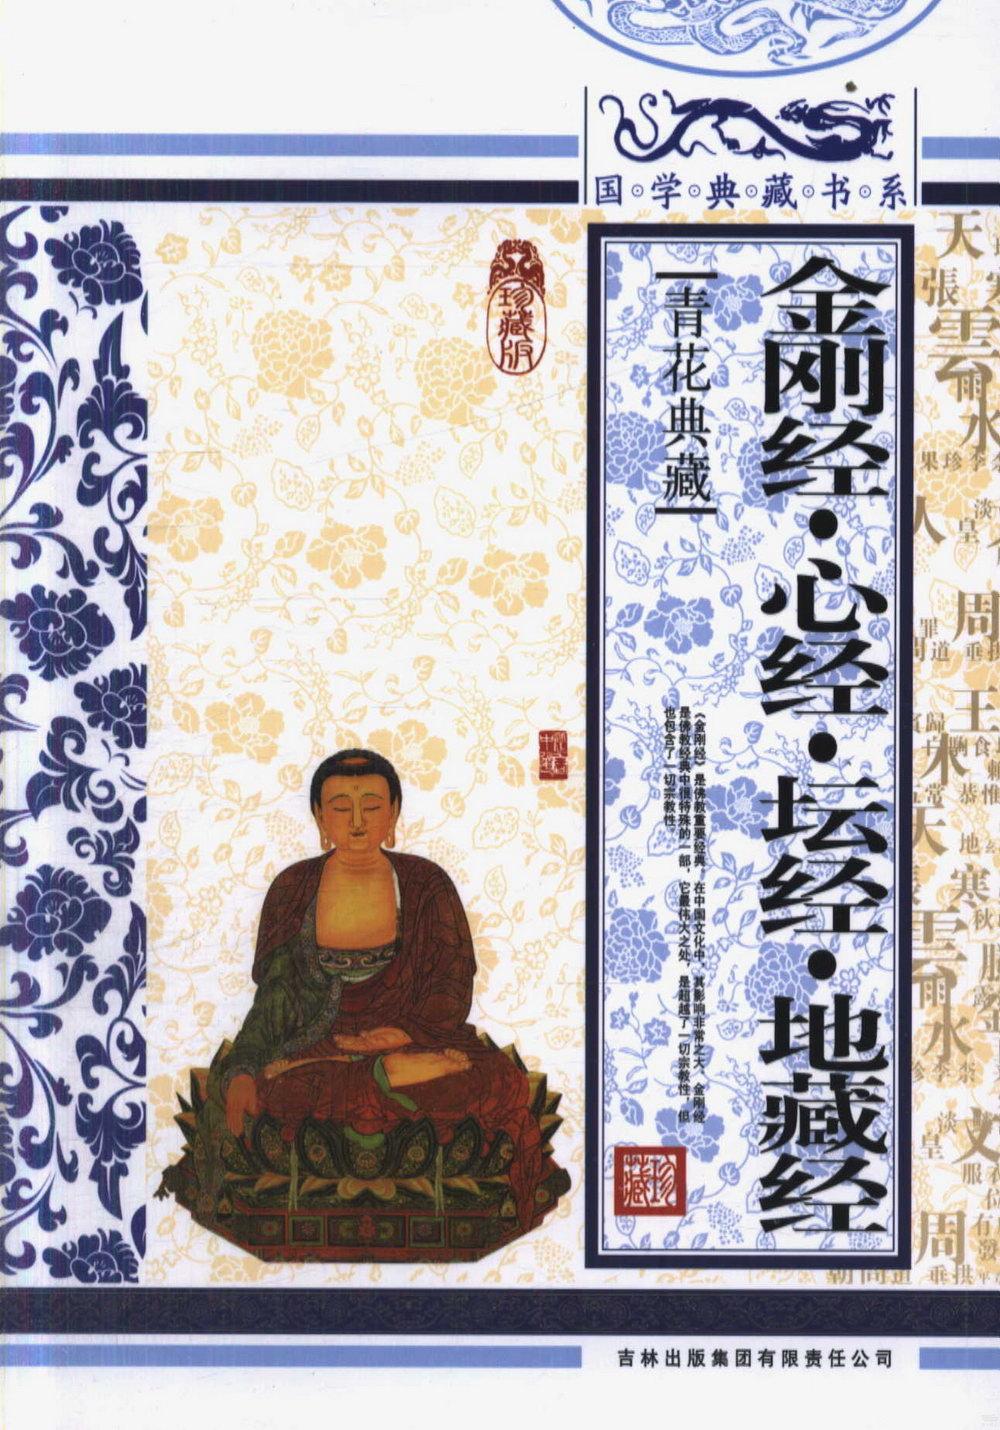 國學典藏書系:金剛經·心經·壇經·地藏經^(珍藏版^)